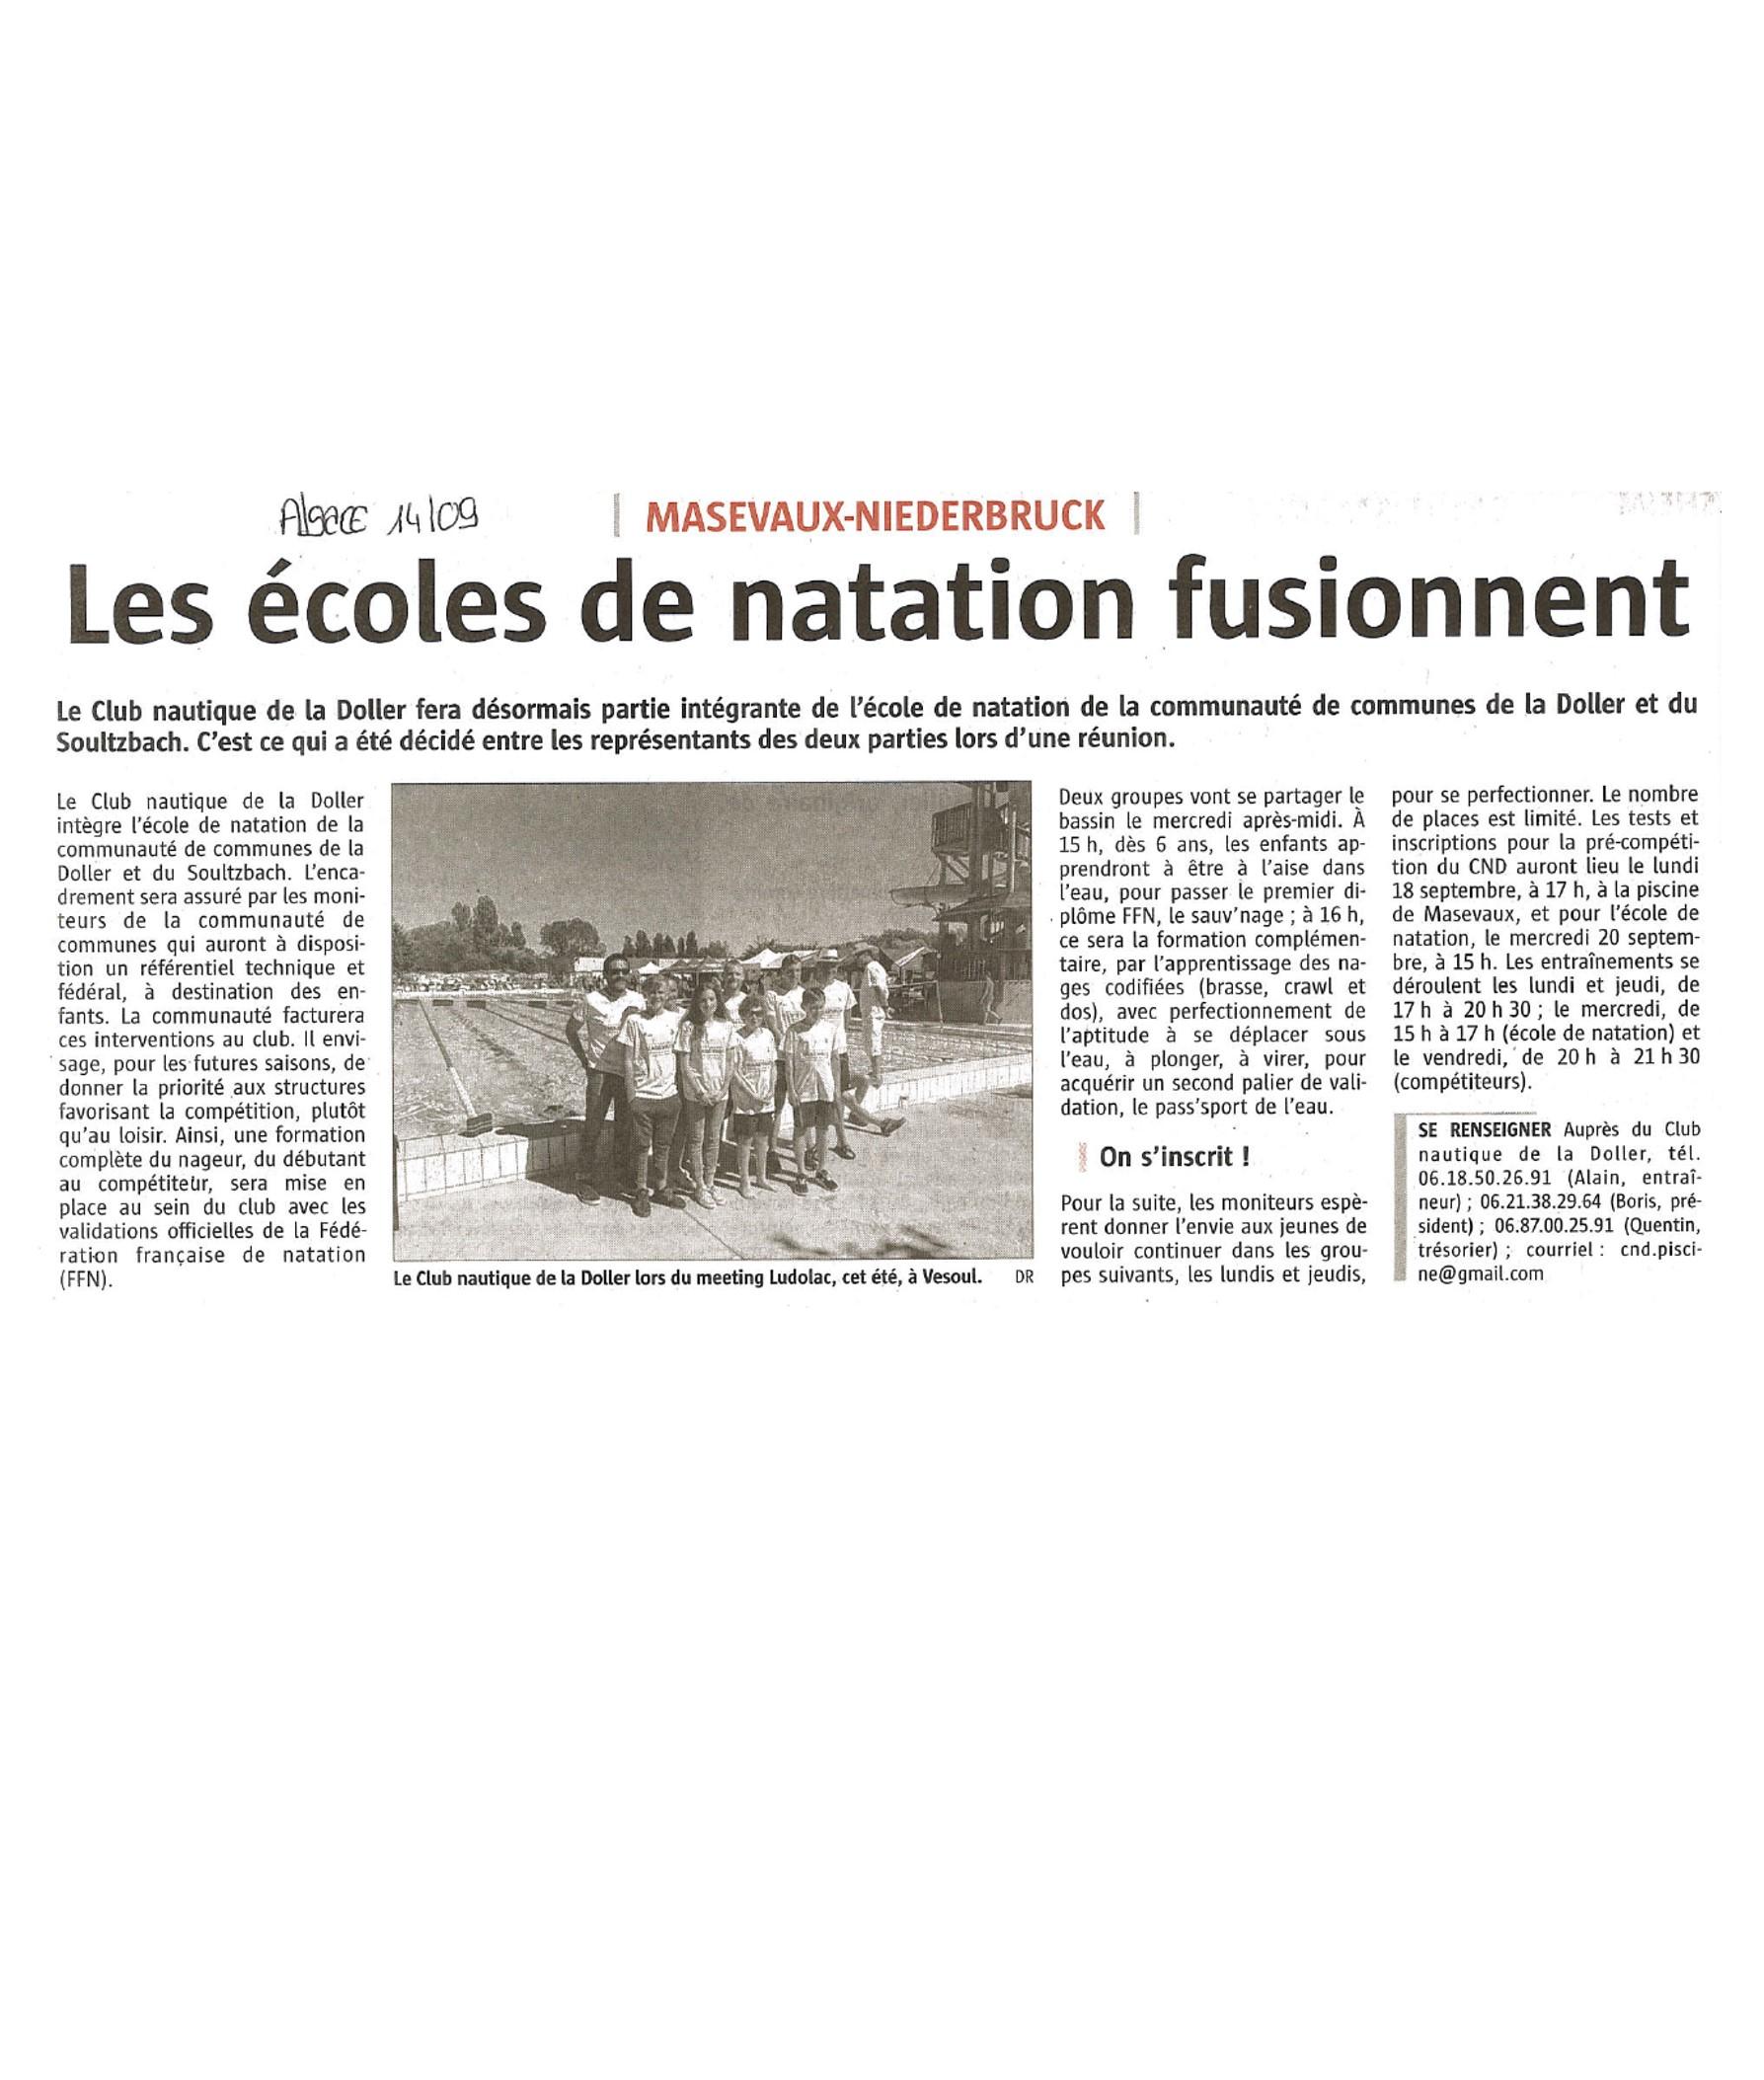 Les écoles de natation fusionnent - L'Alsace - 14-09-2017